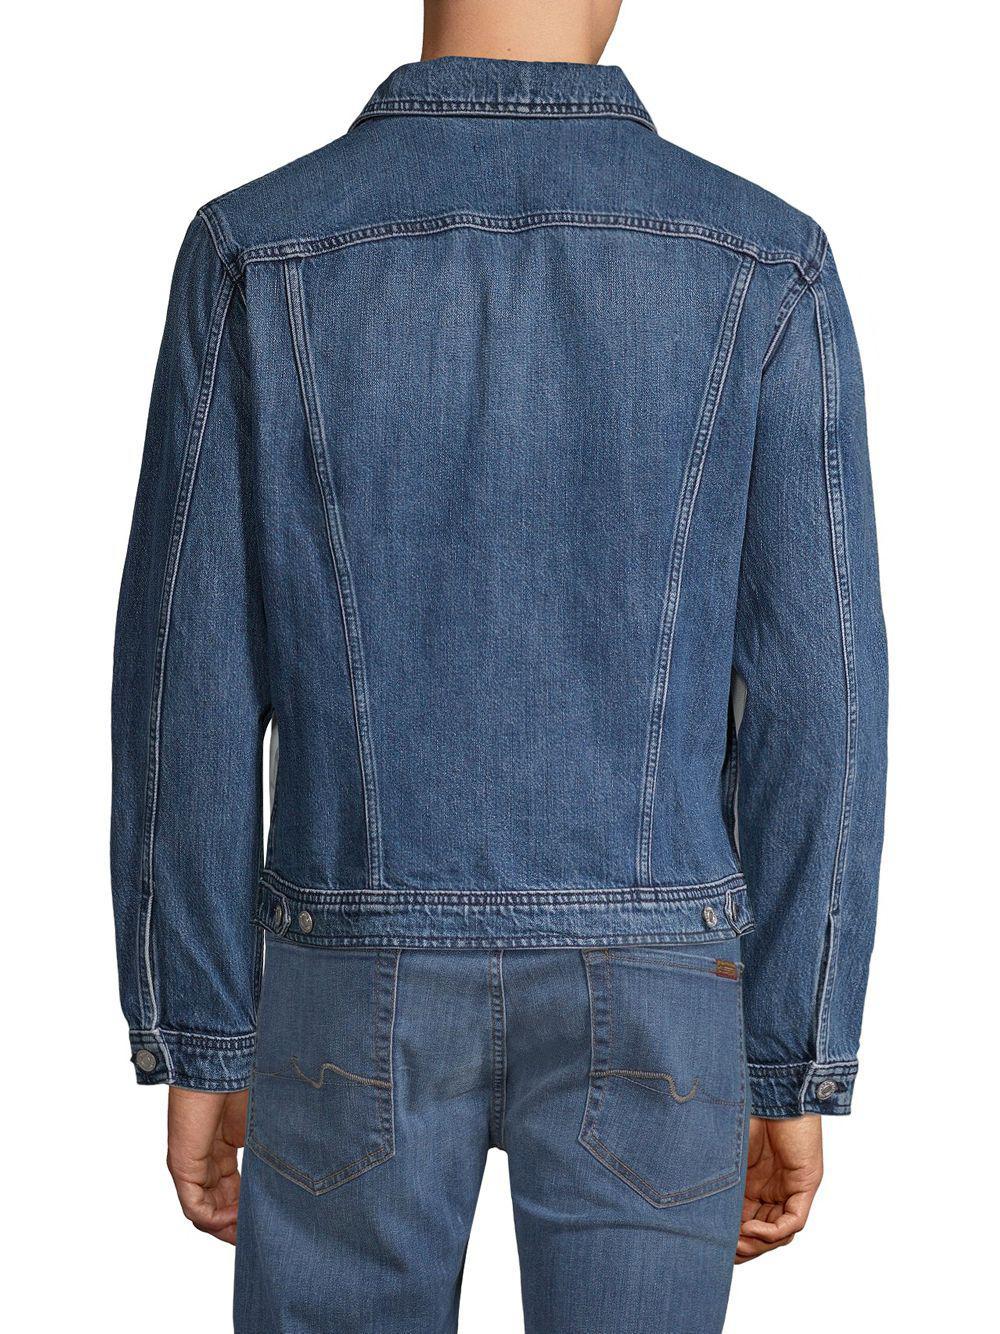 7 For All Mankind Inside Out Denim Trucker Jacket in Vintage Blue (Blue) for Men